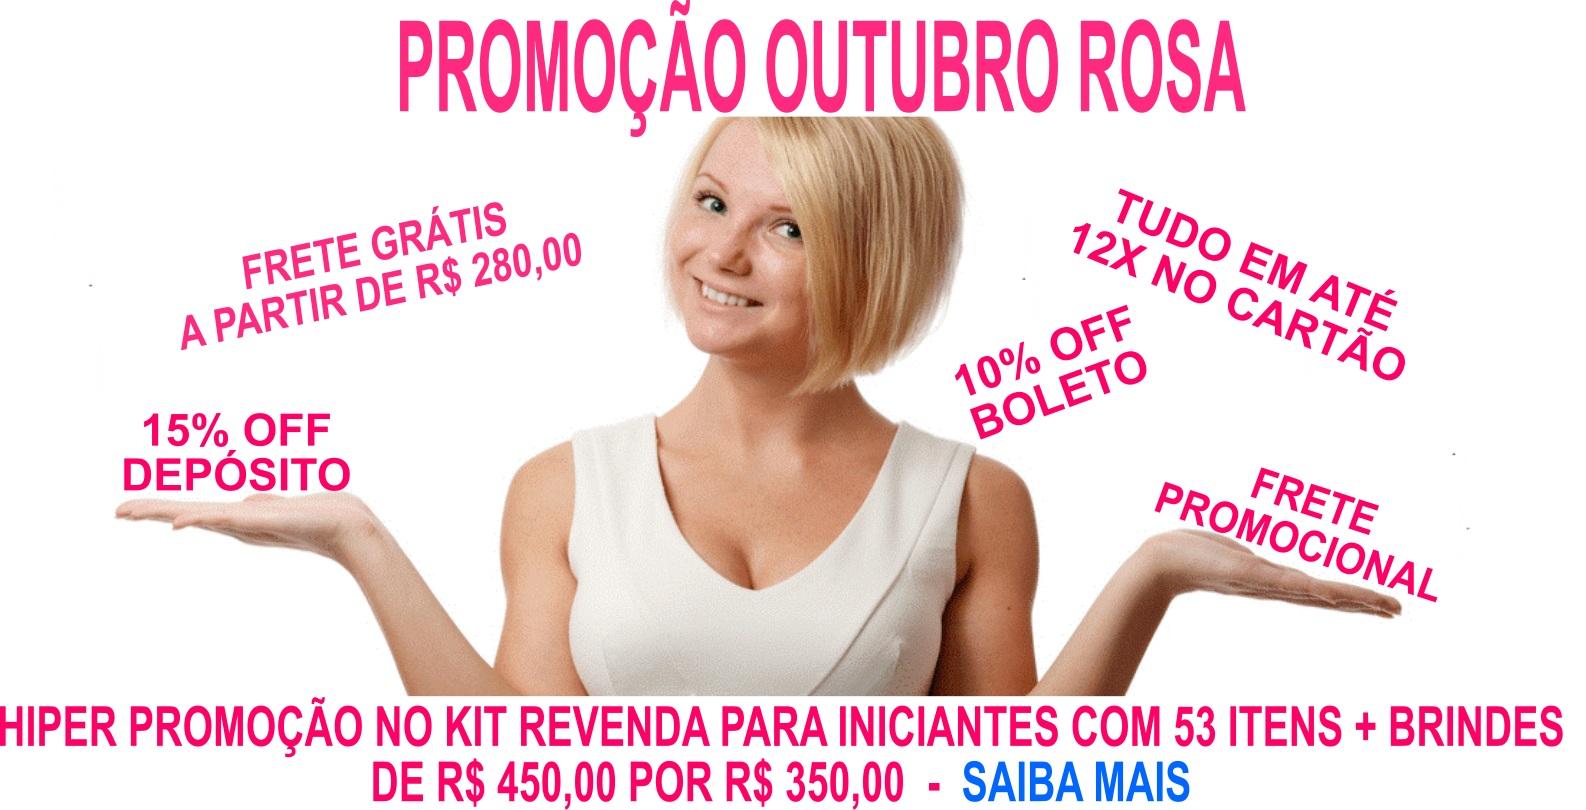 Promoção Outubro Rosa 2021